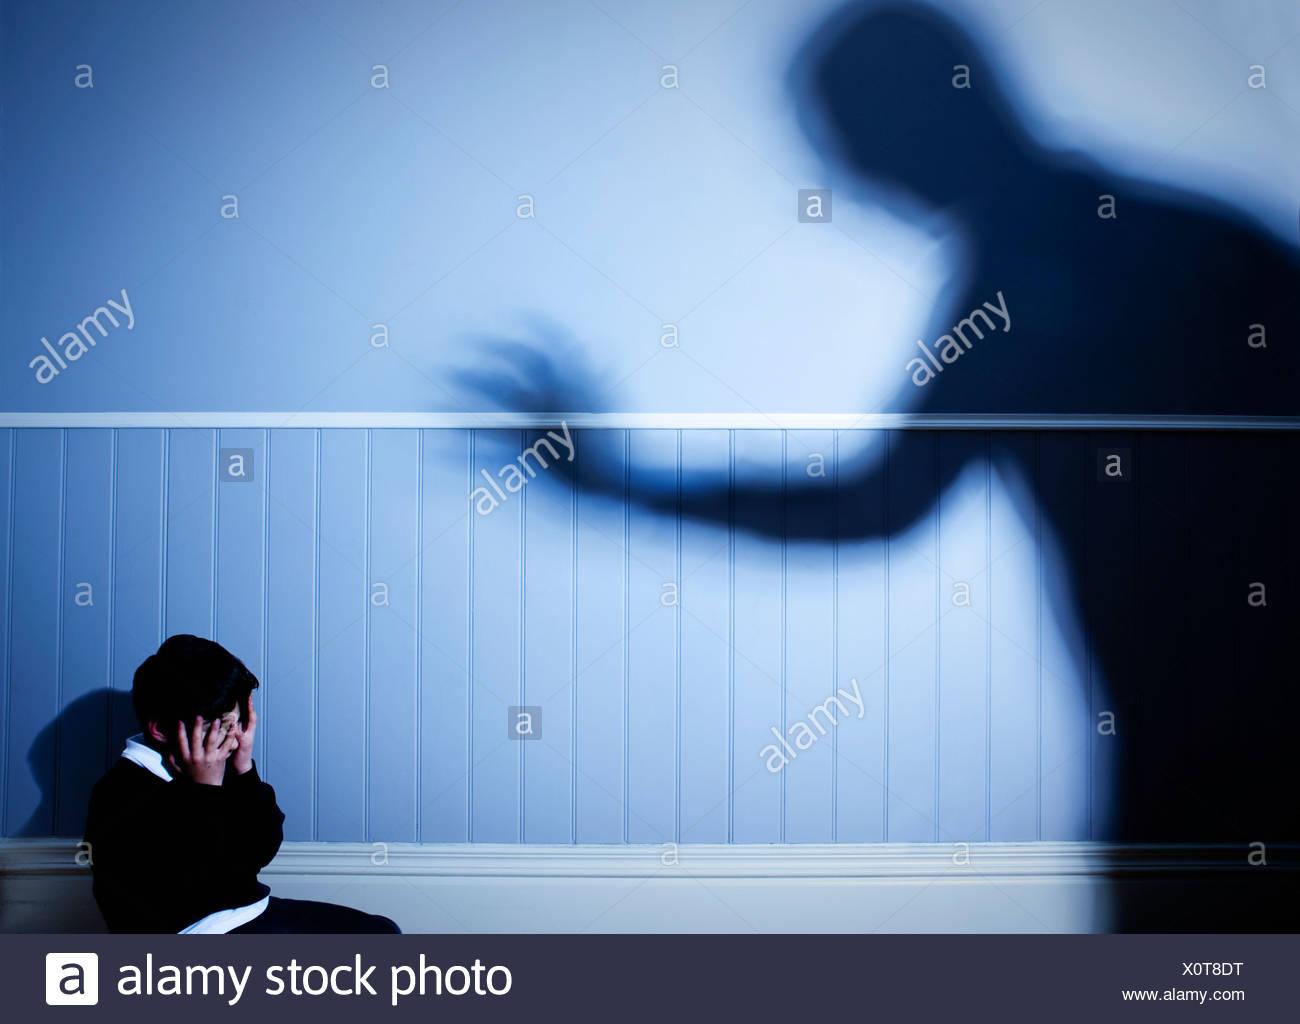 Schatten, die bedrohlich über verängstigten jungen Stockbild